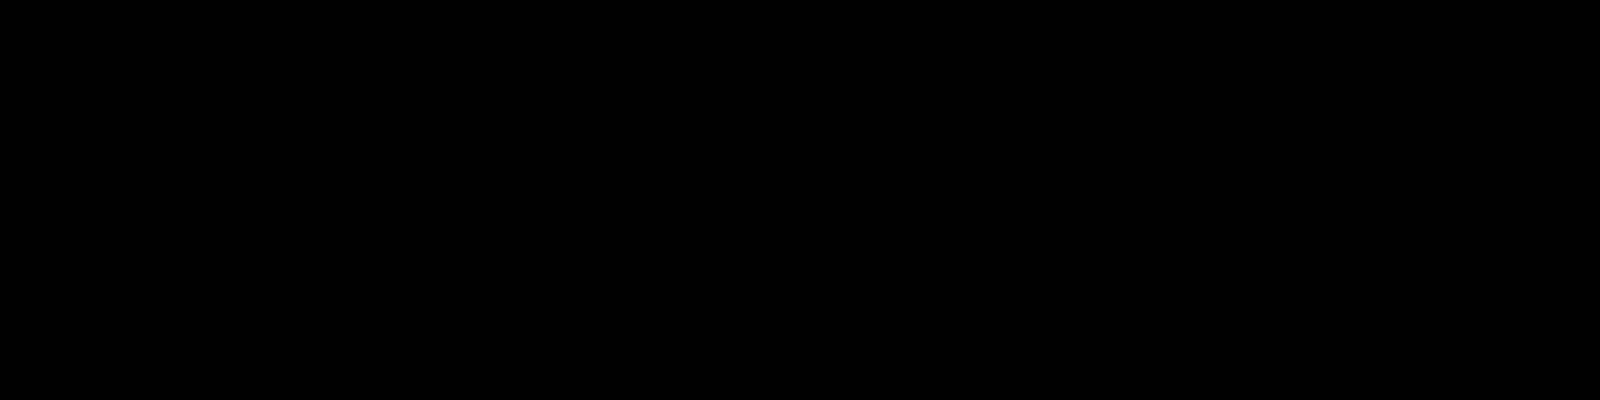 PolkaDotTheory™